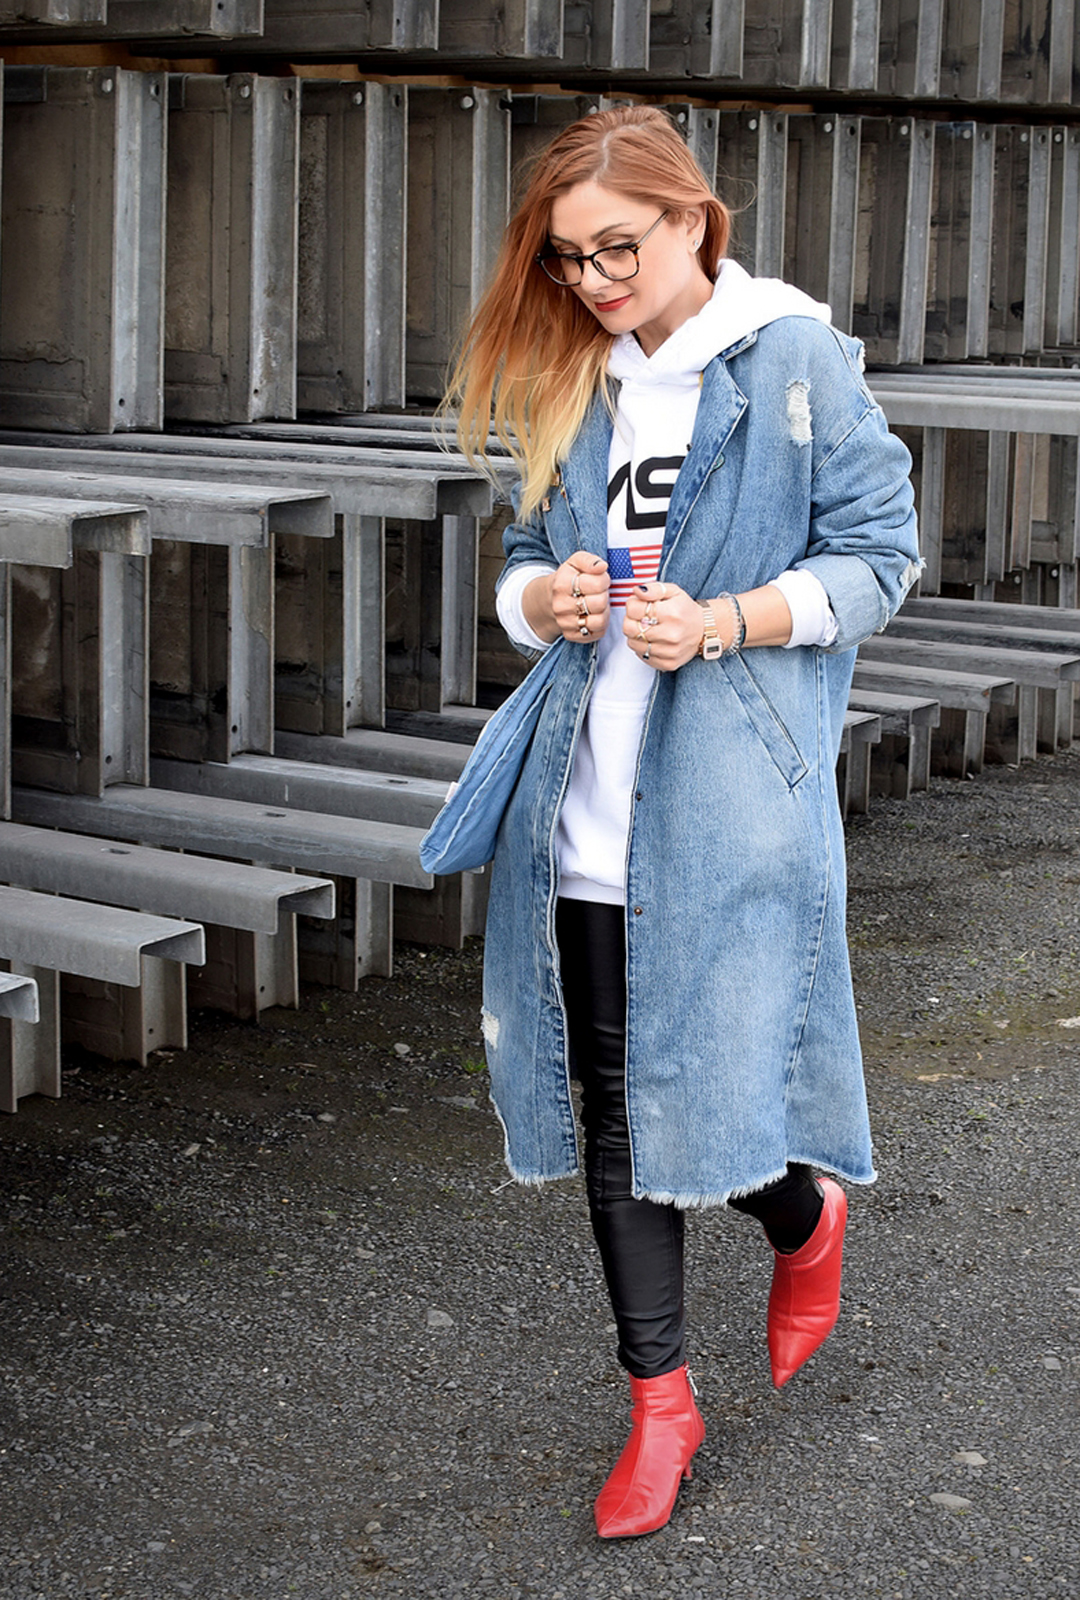 Hoodie in Weiß für Damen mit Kapuze, Statement Hoodie, Print, Modeblog